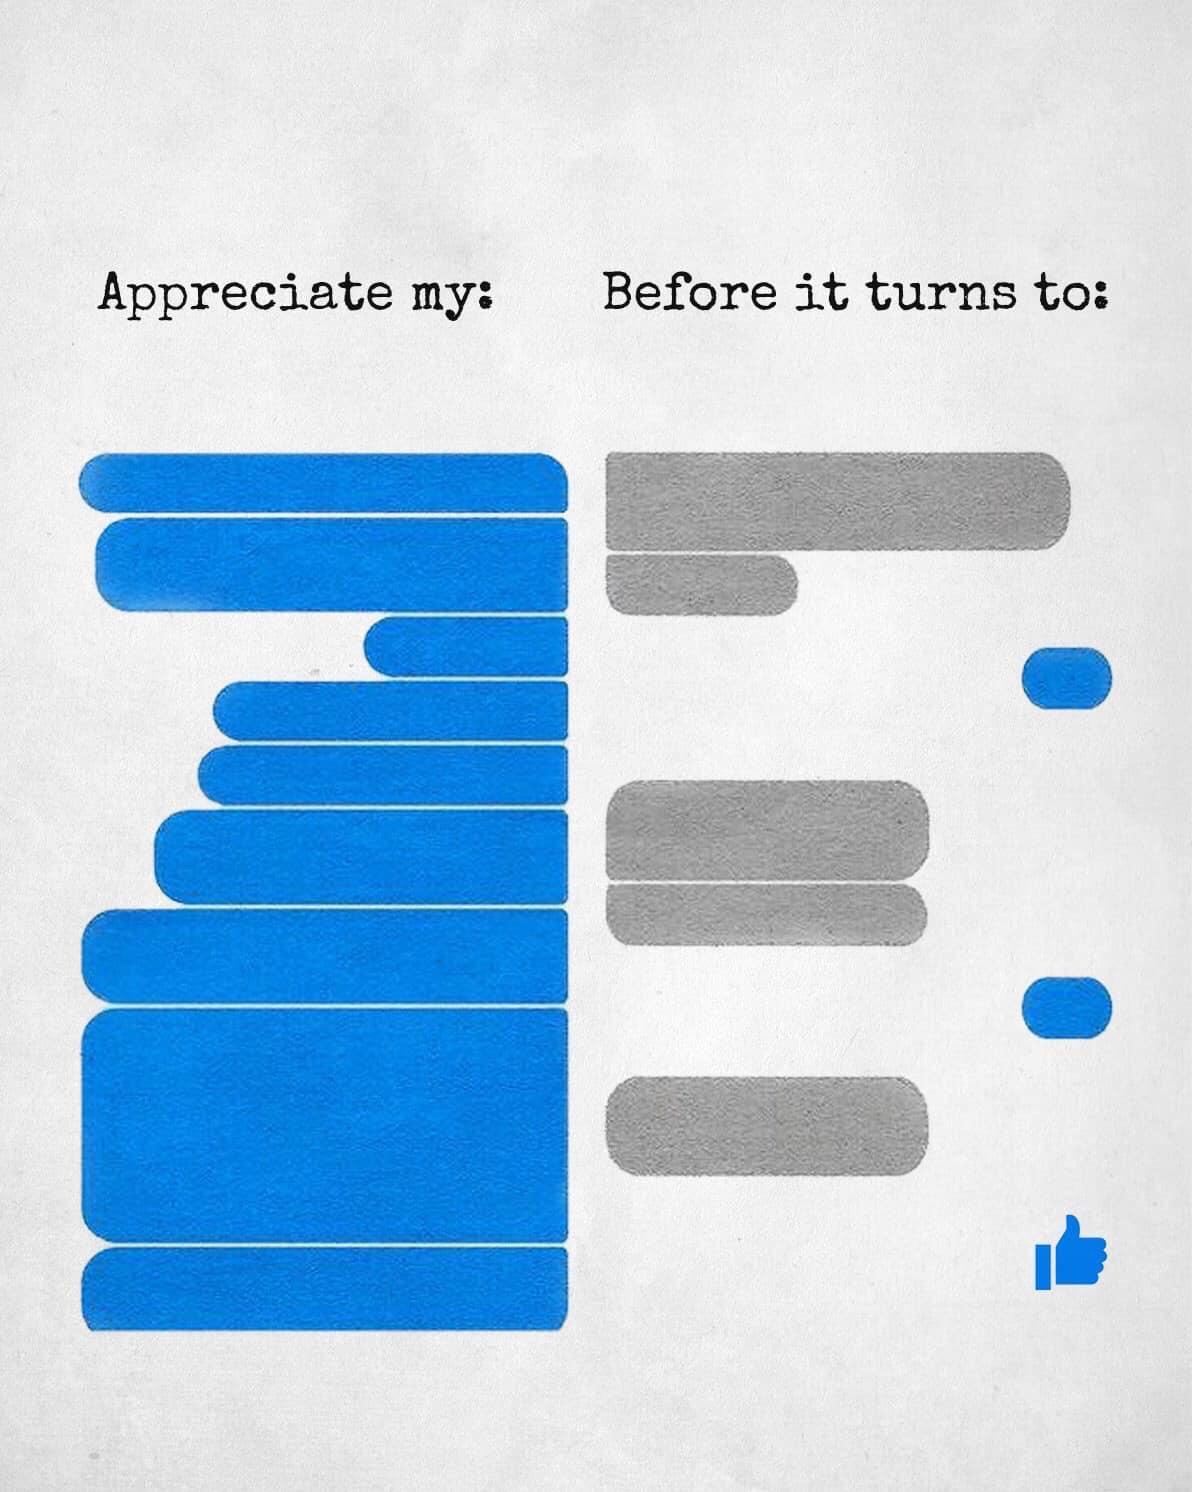 appreciate me before i